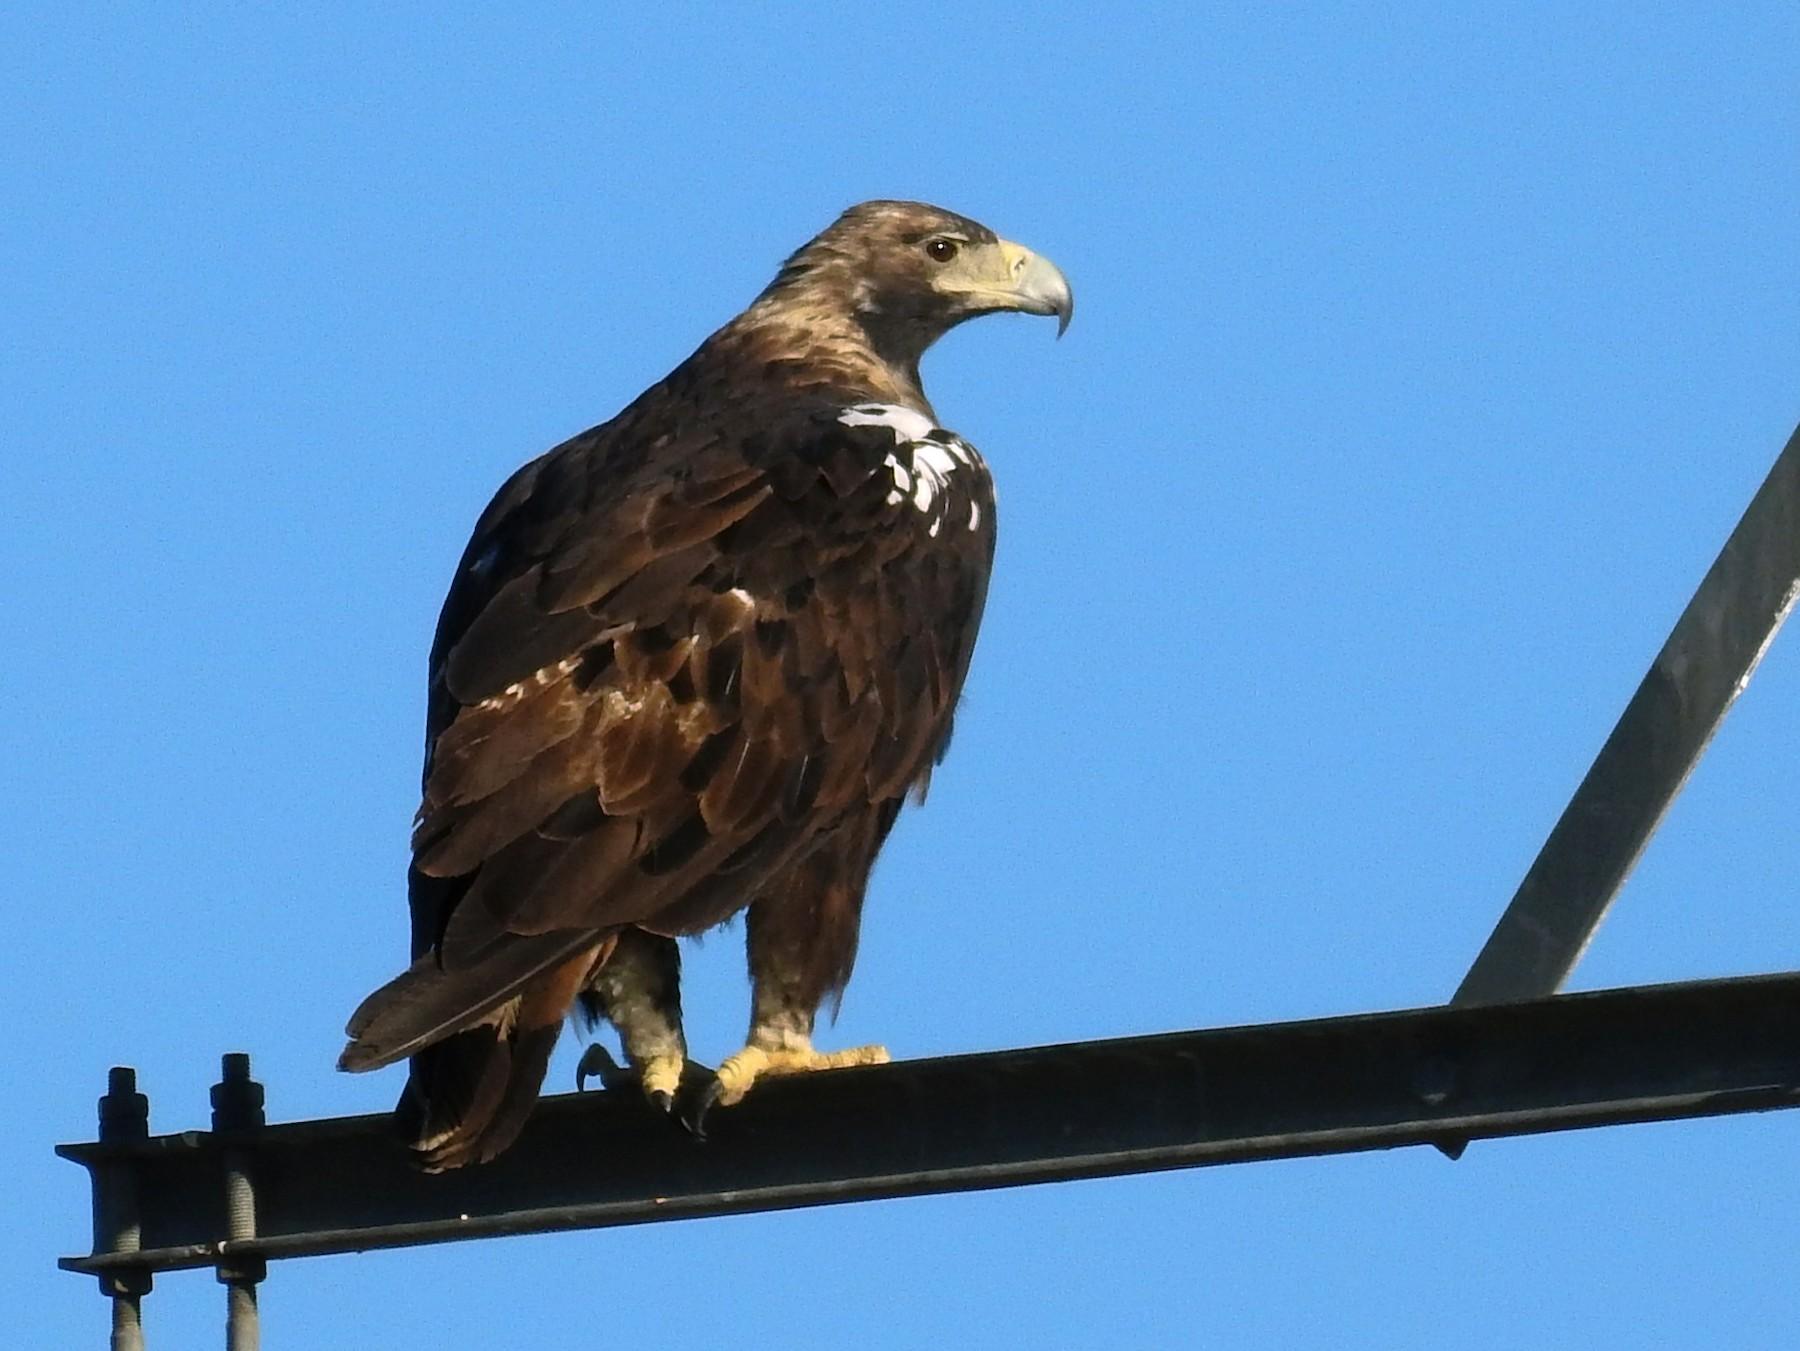 Spanish Eagle - Francisco Fernandes